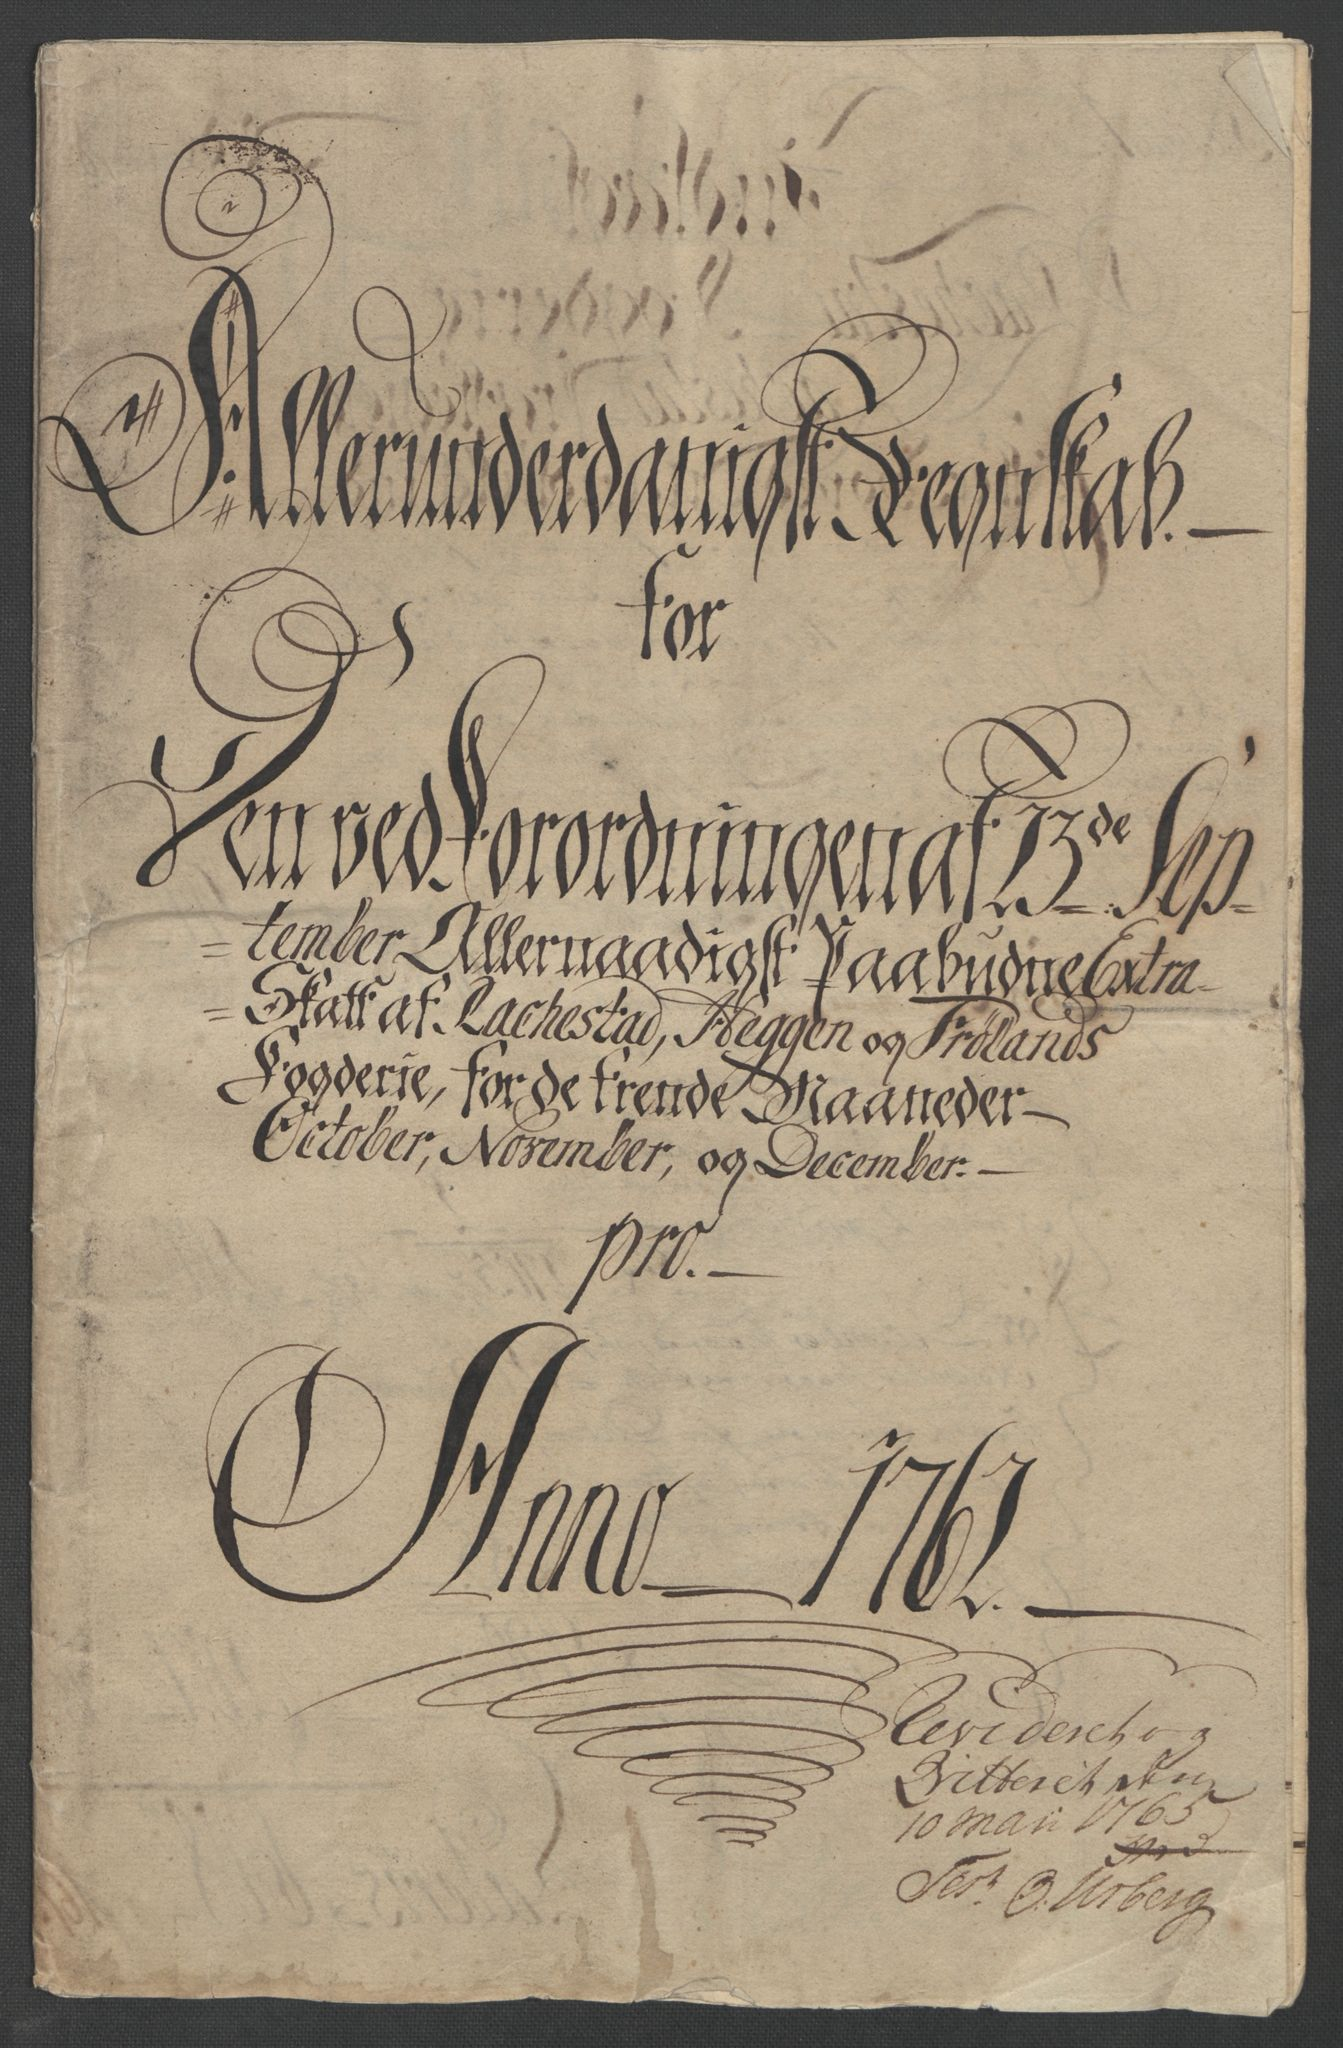 RA, Rentekammeret inntil 1814, Reviderte regnskaper, Fogderegnskap, R07/L0413: Ekstraskatten Rakkestad, Heggen og Frøland, 1762-1772, s. 4